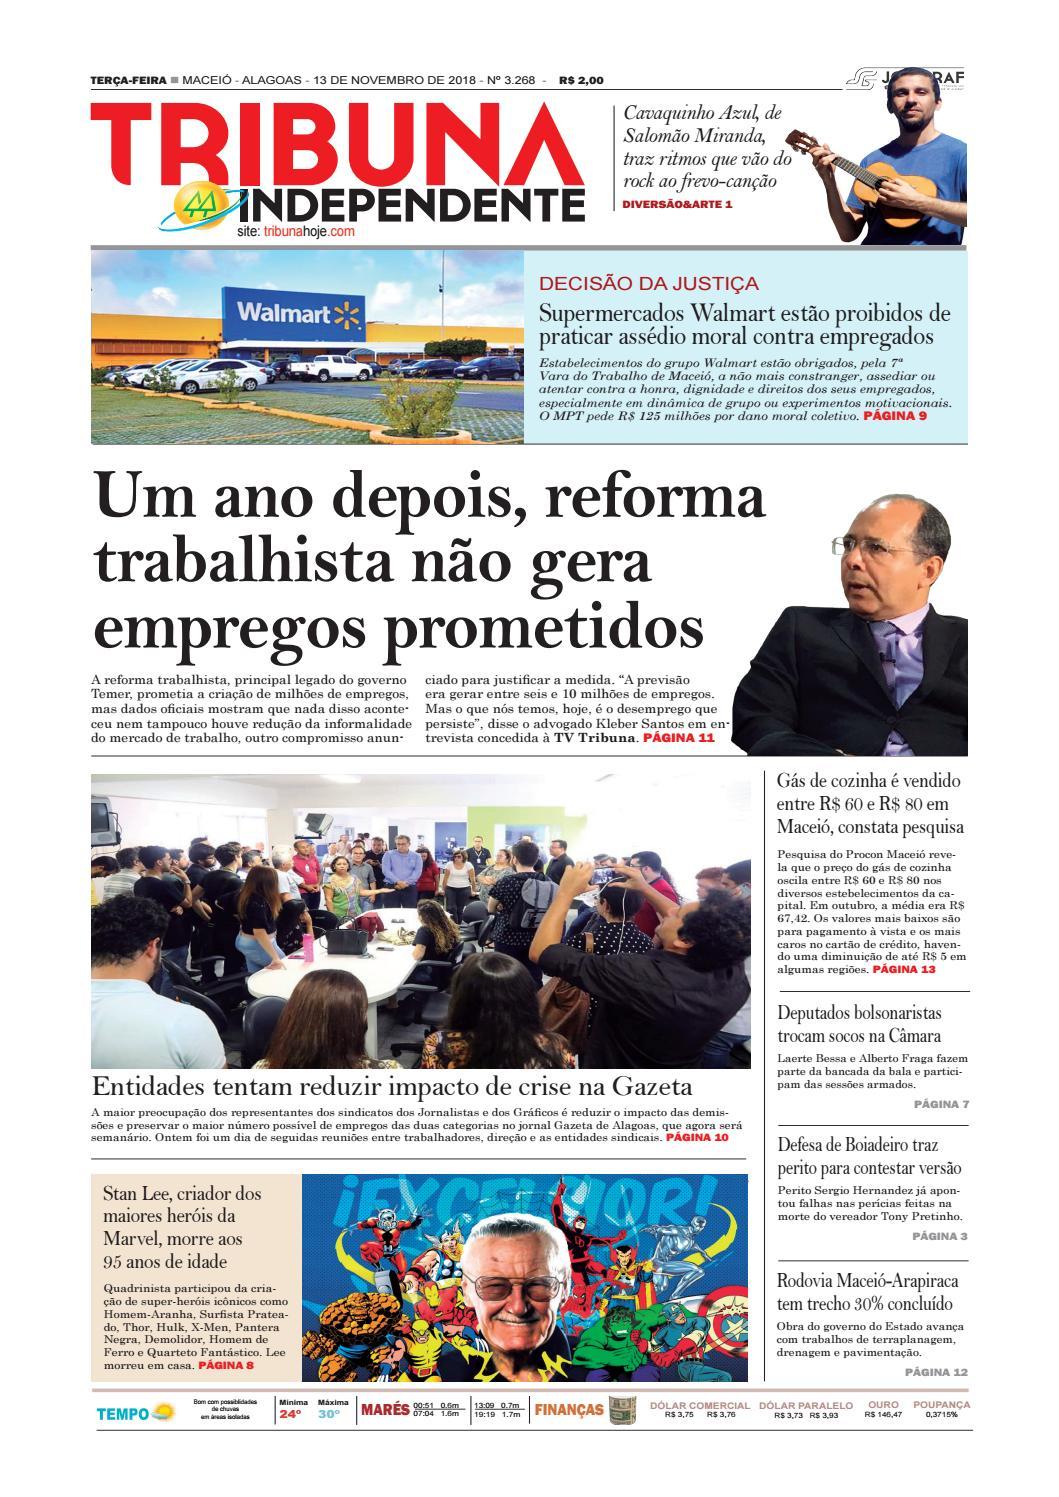 Edição número 3268 - 13 de novembro de 2018 by Tribuna Hoje - issuu 111ce07760